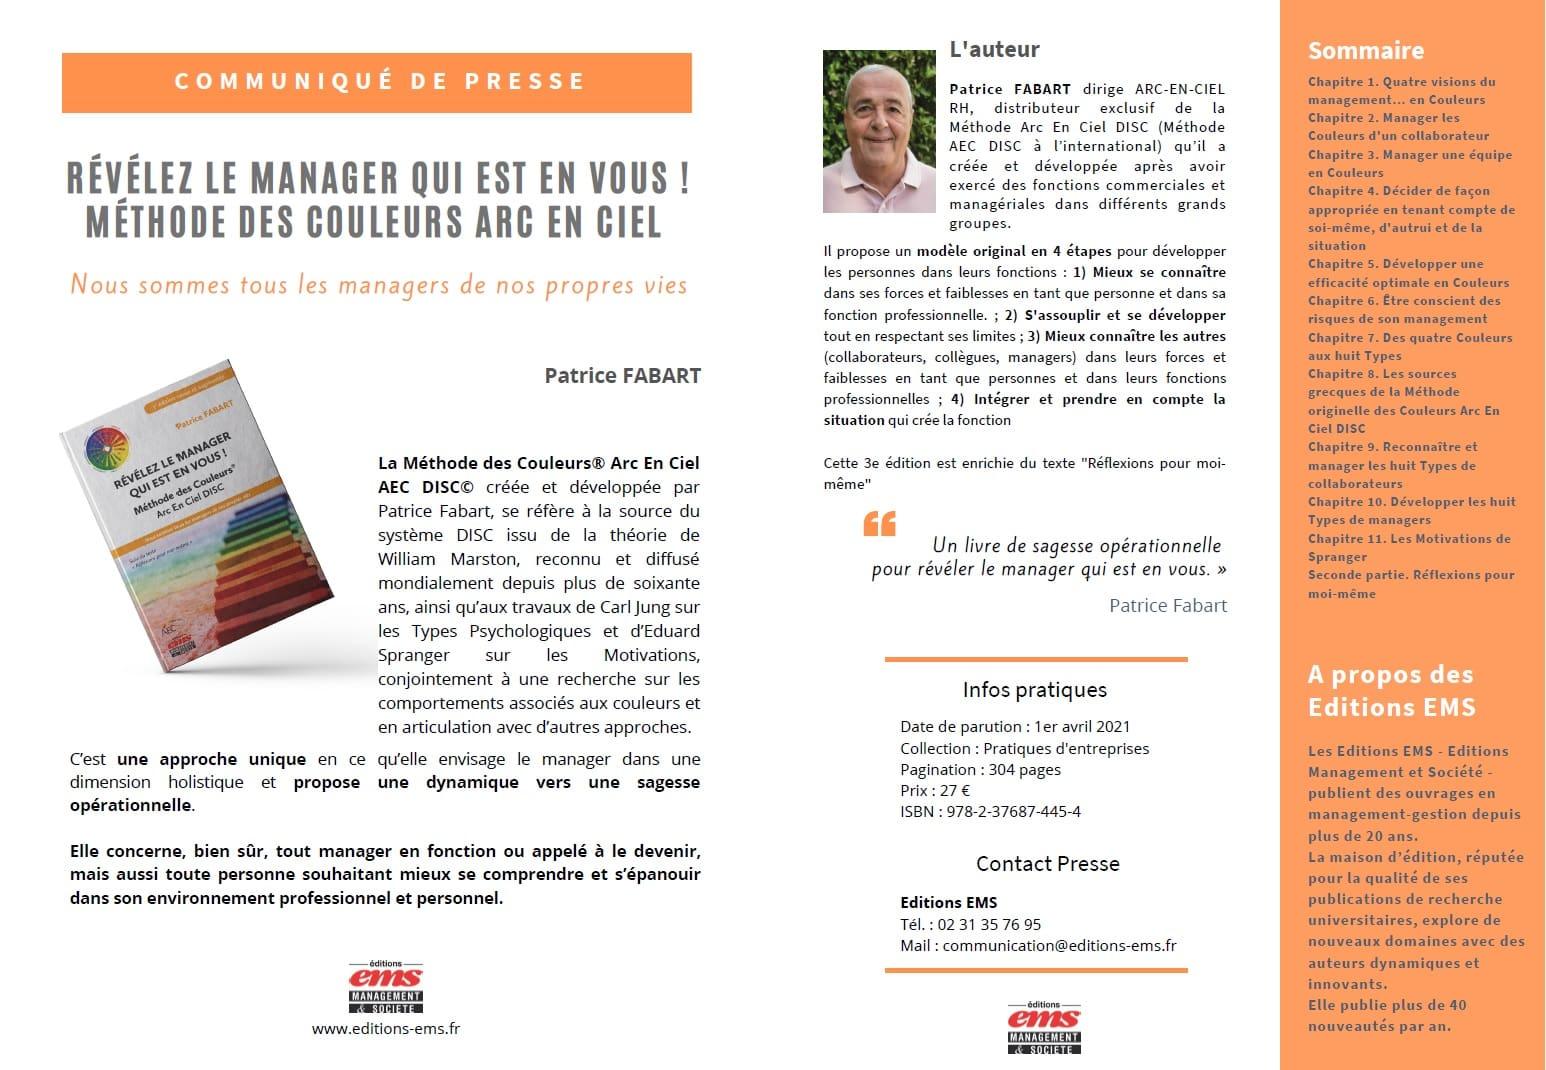 Découvrez le livre de Patrice Fabart sur le management avec le DISC et la méthode des Couleurs